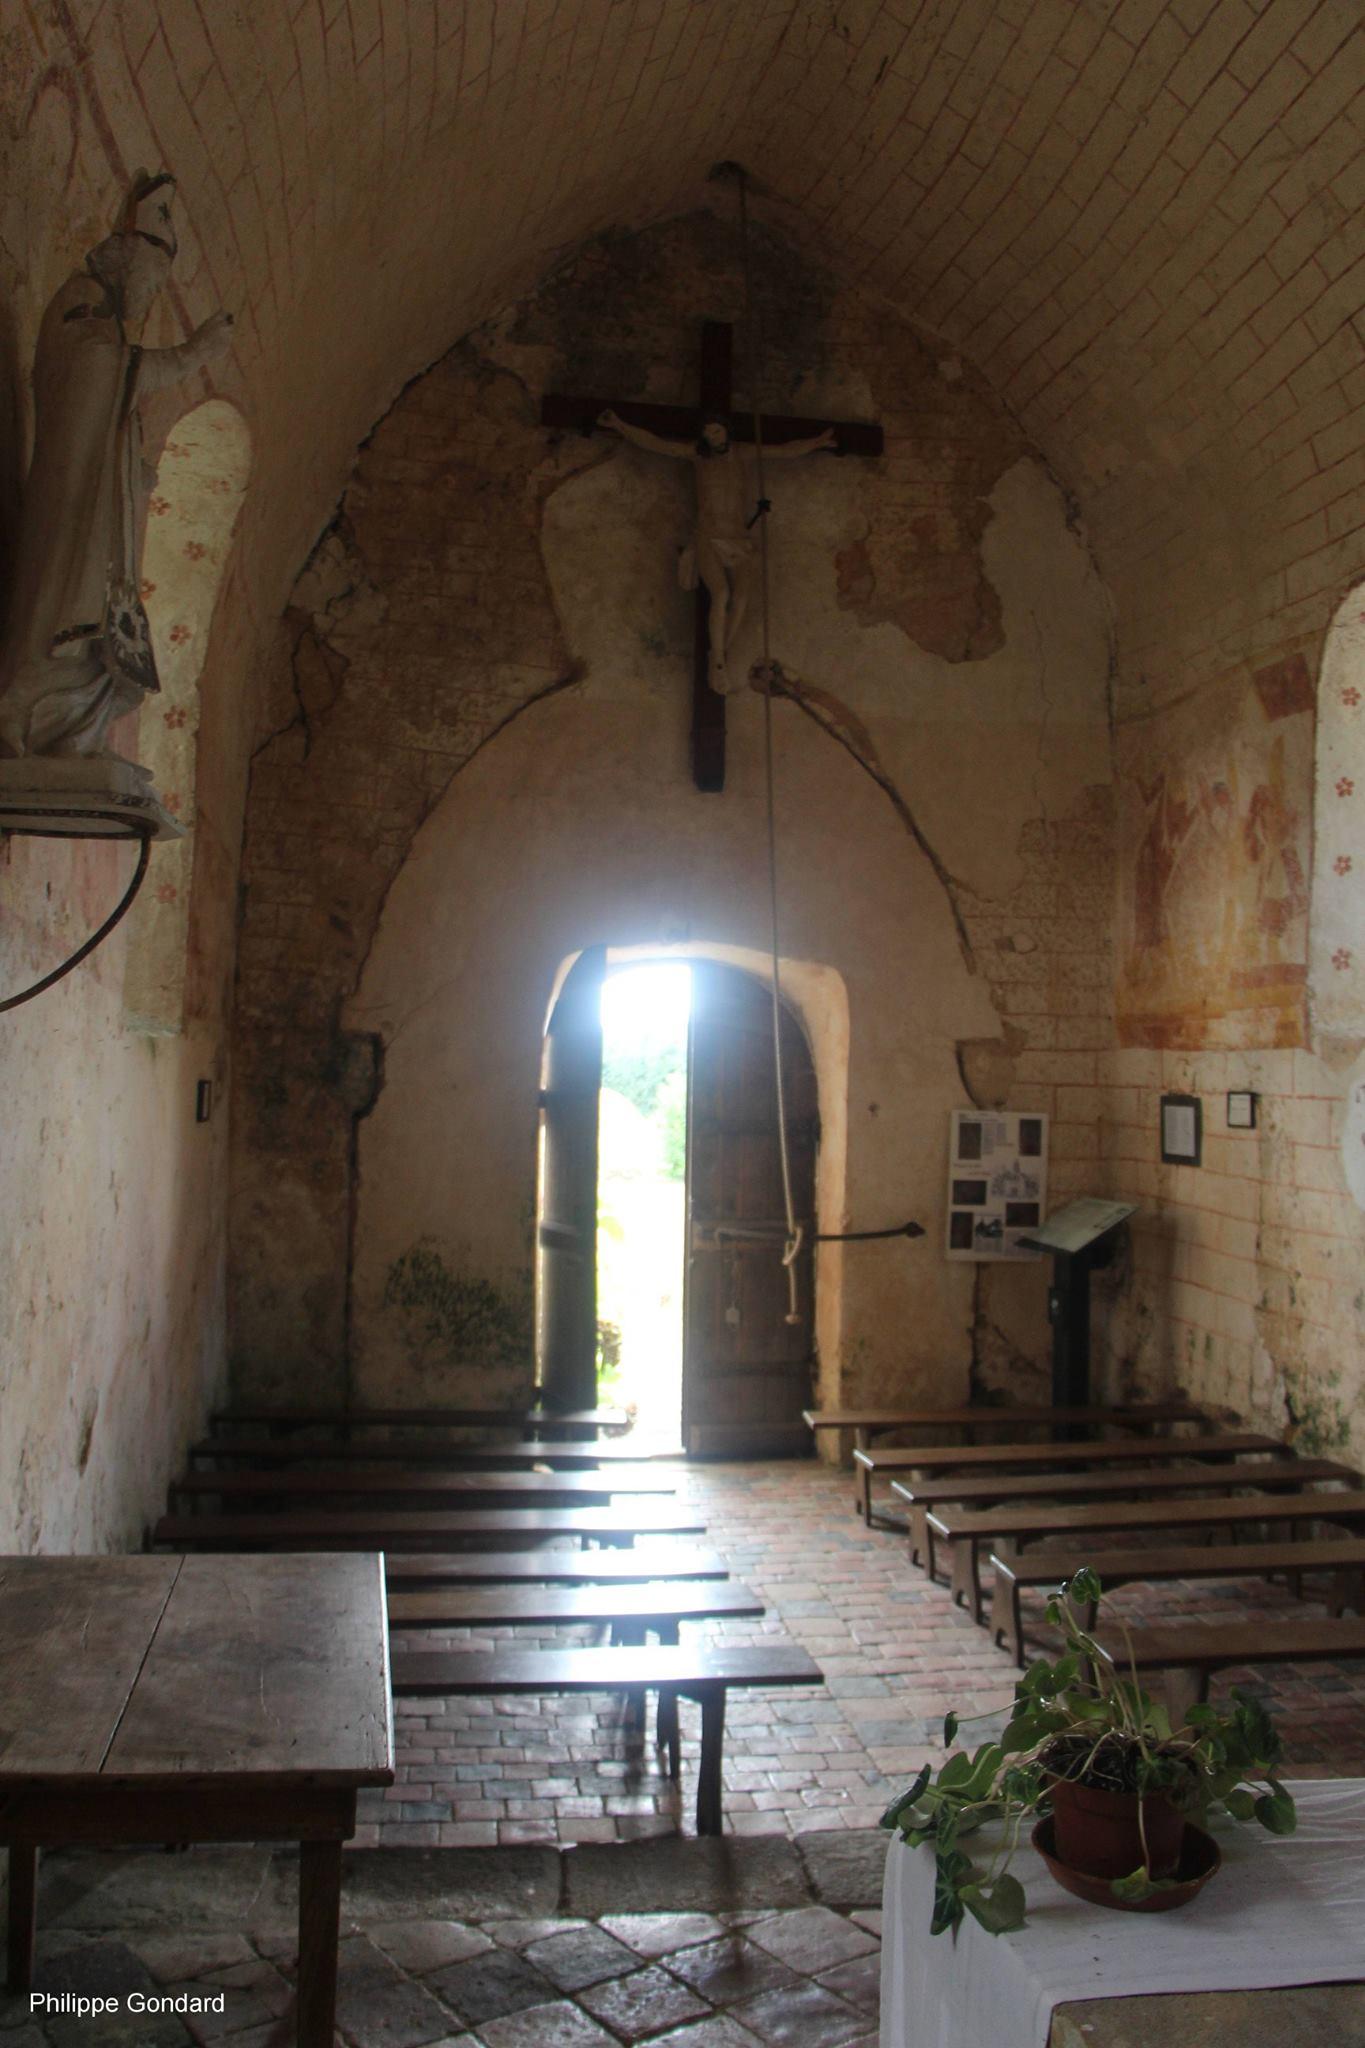 Conlie - Chapelle Saint Hilaire et Saint Eutrope de Verniette 07 (Philippe Gondard)